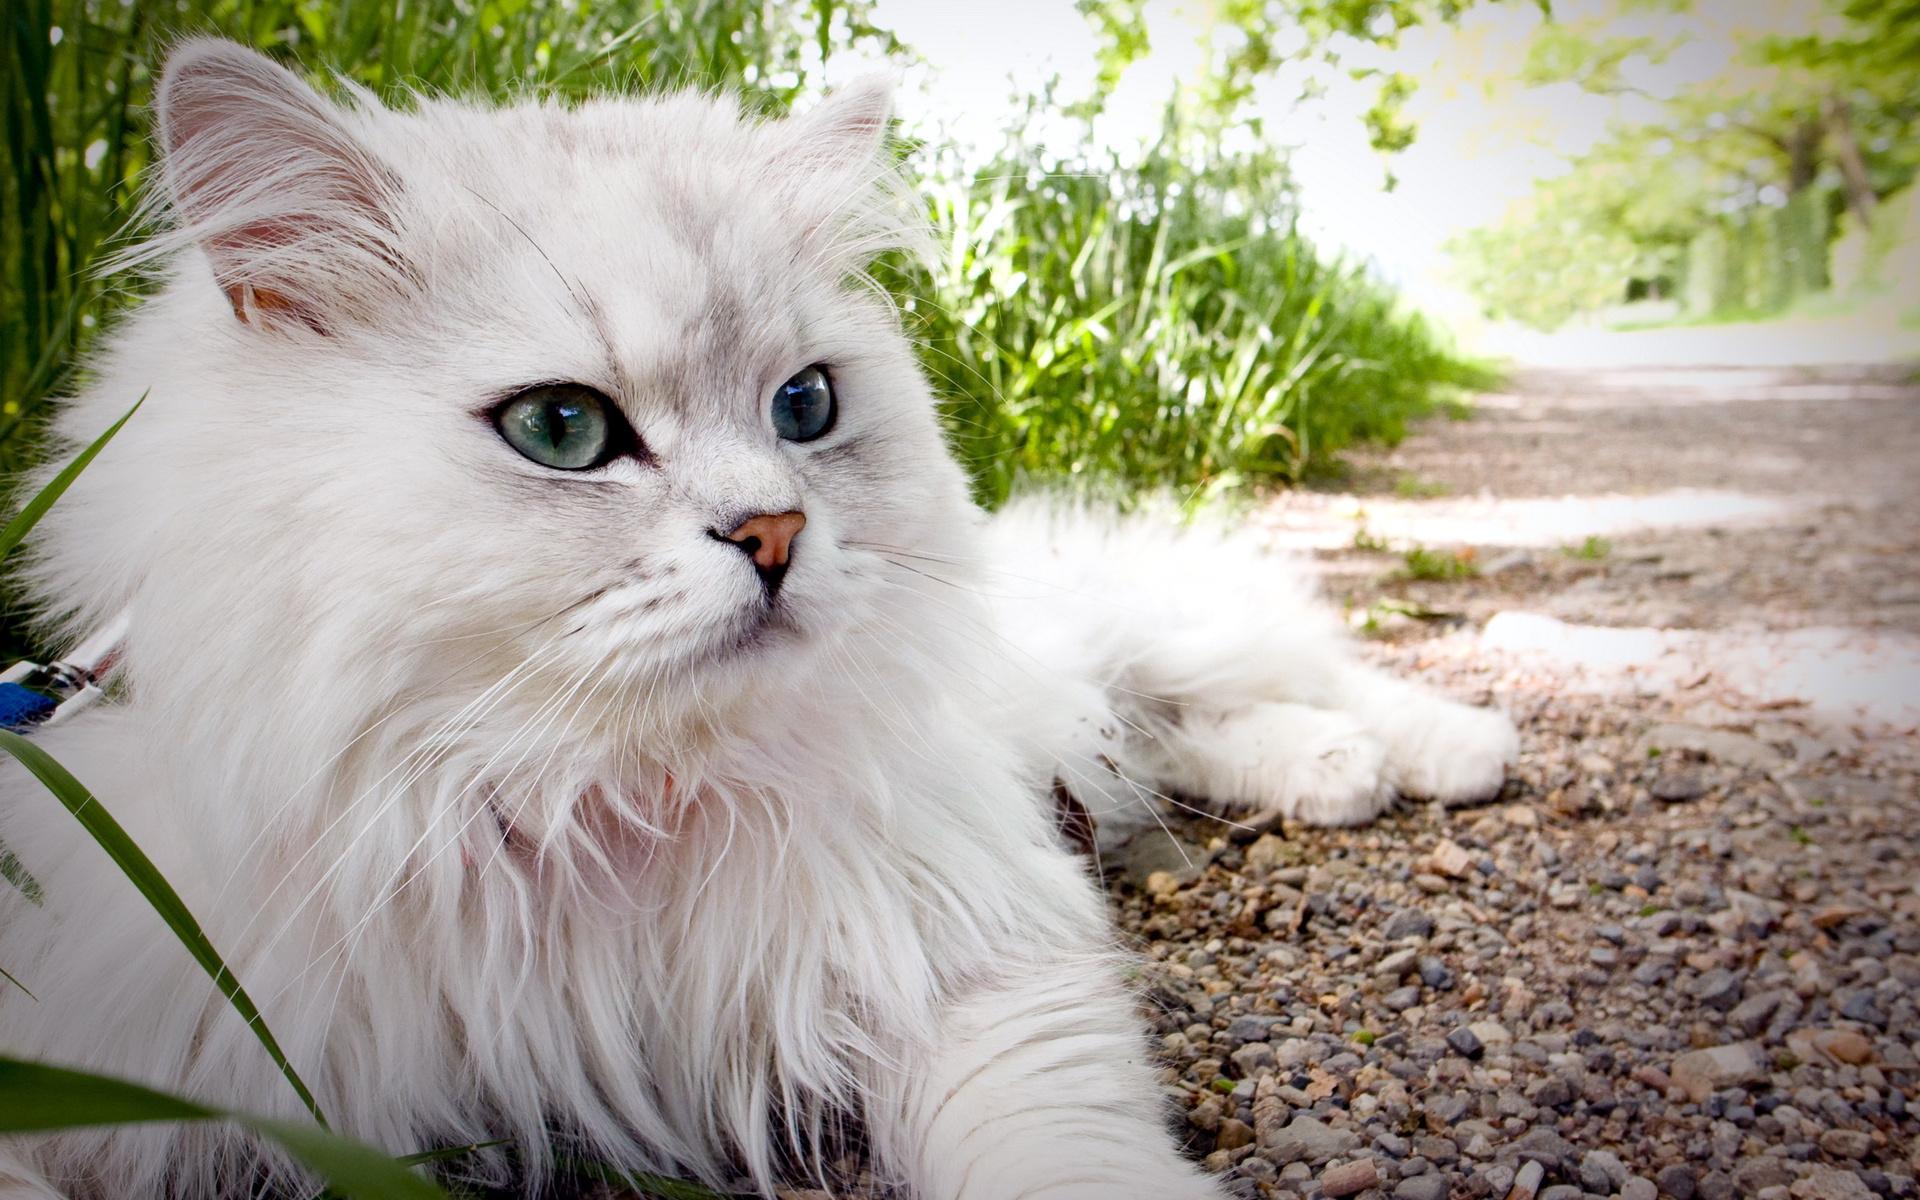 очень красивые фото кошек дадим